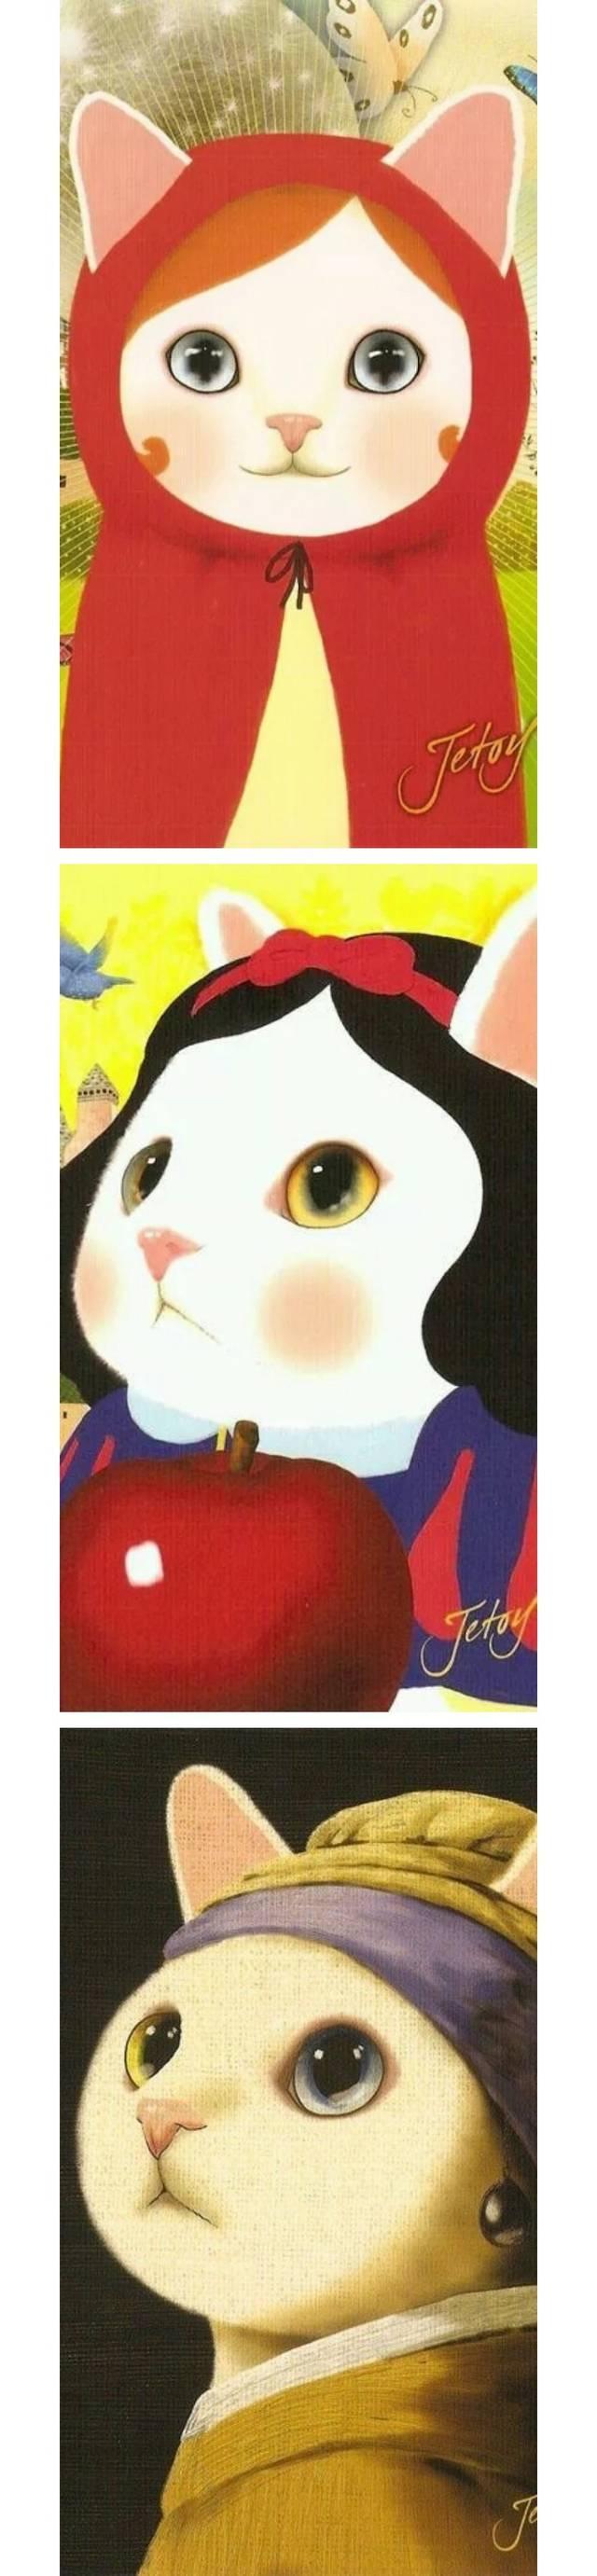 韩国音乐系女生放弃专业背景,竟是因为猫